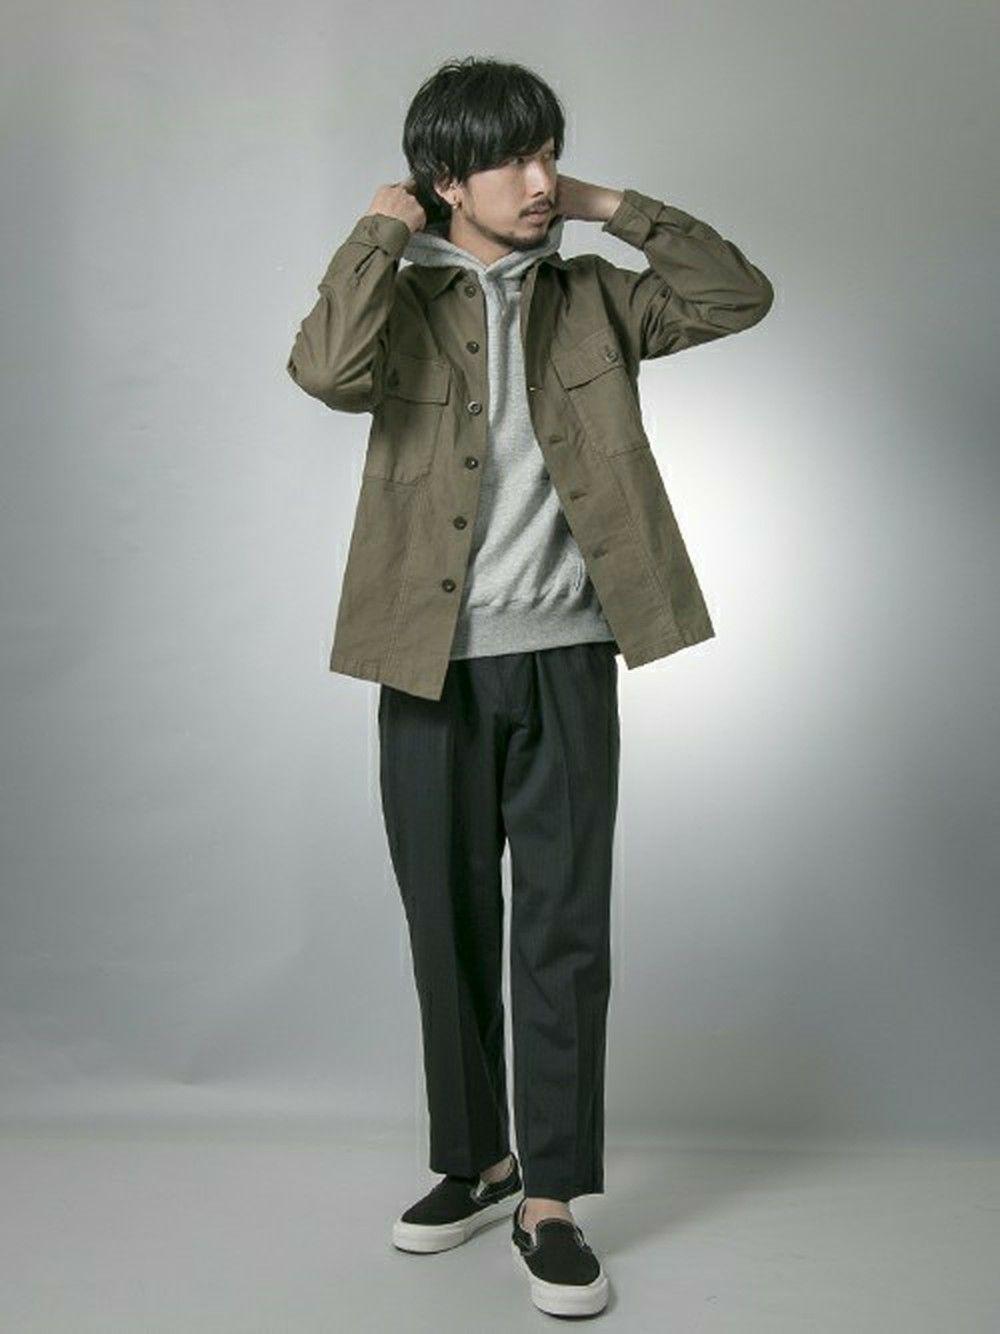 56ef3eef9b10 アーバンリサーチ西梅田 ブリーゼブリーゼ店 | moriyamaさんのシャツ/ブラウス「URBAN RESEARCH UR VINTAGE  MILITARY SHIRTS」を使ったコーディネート